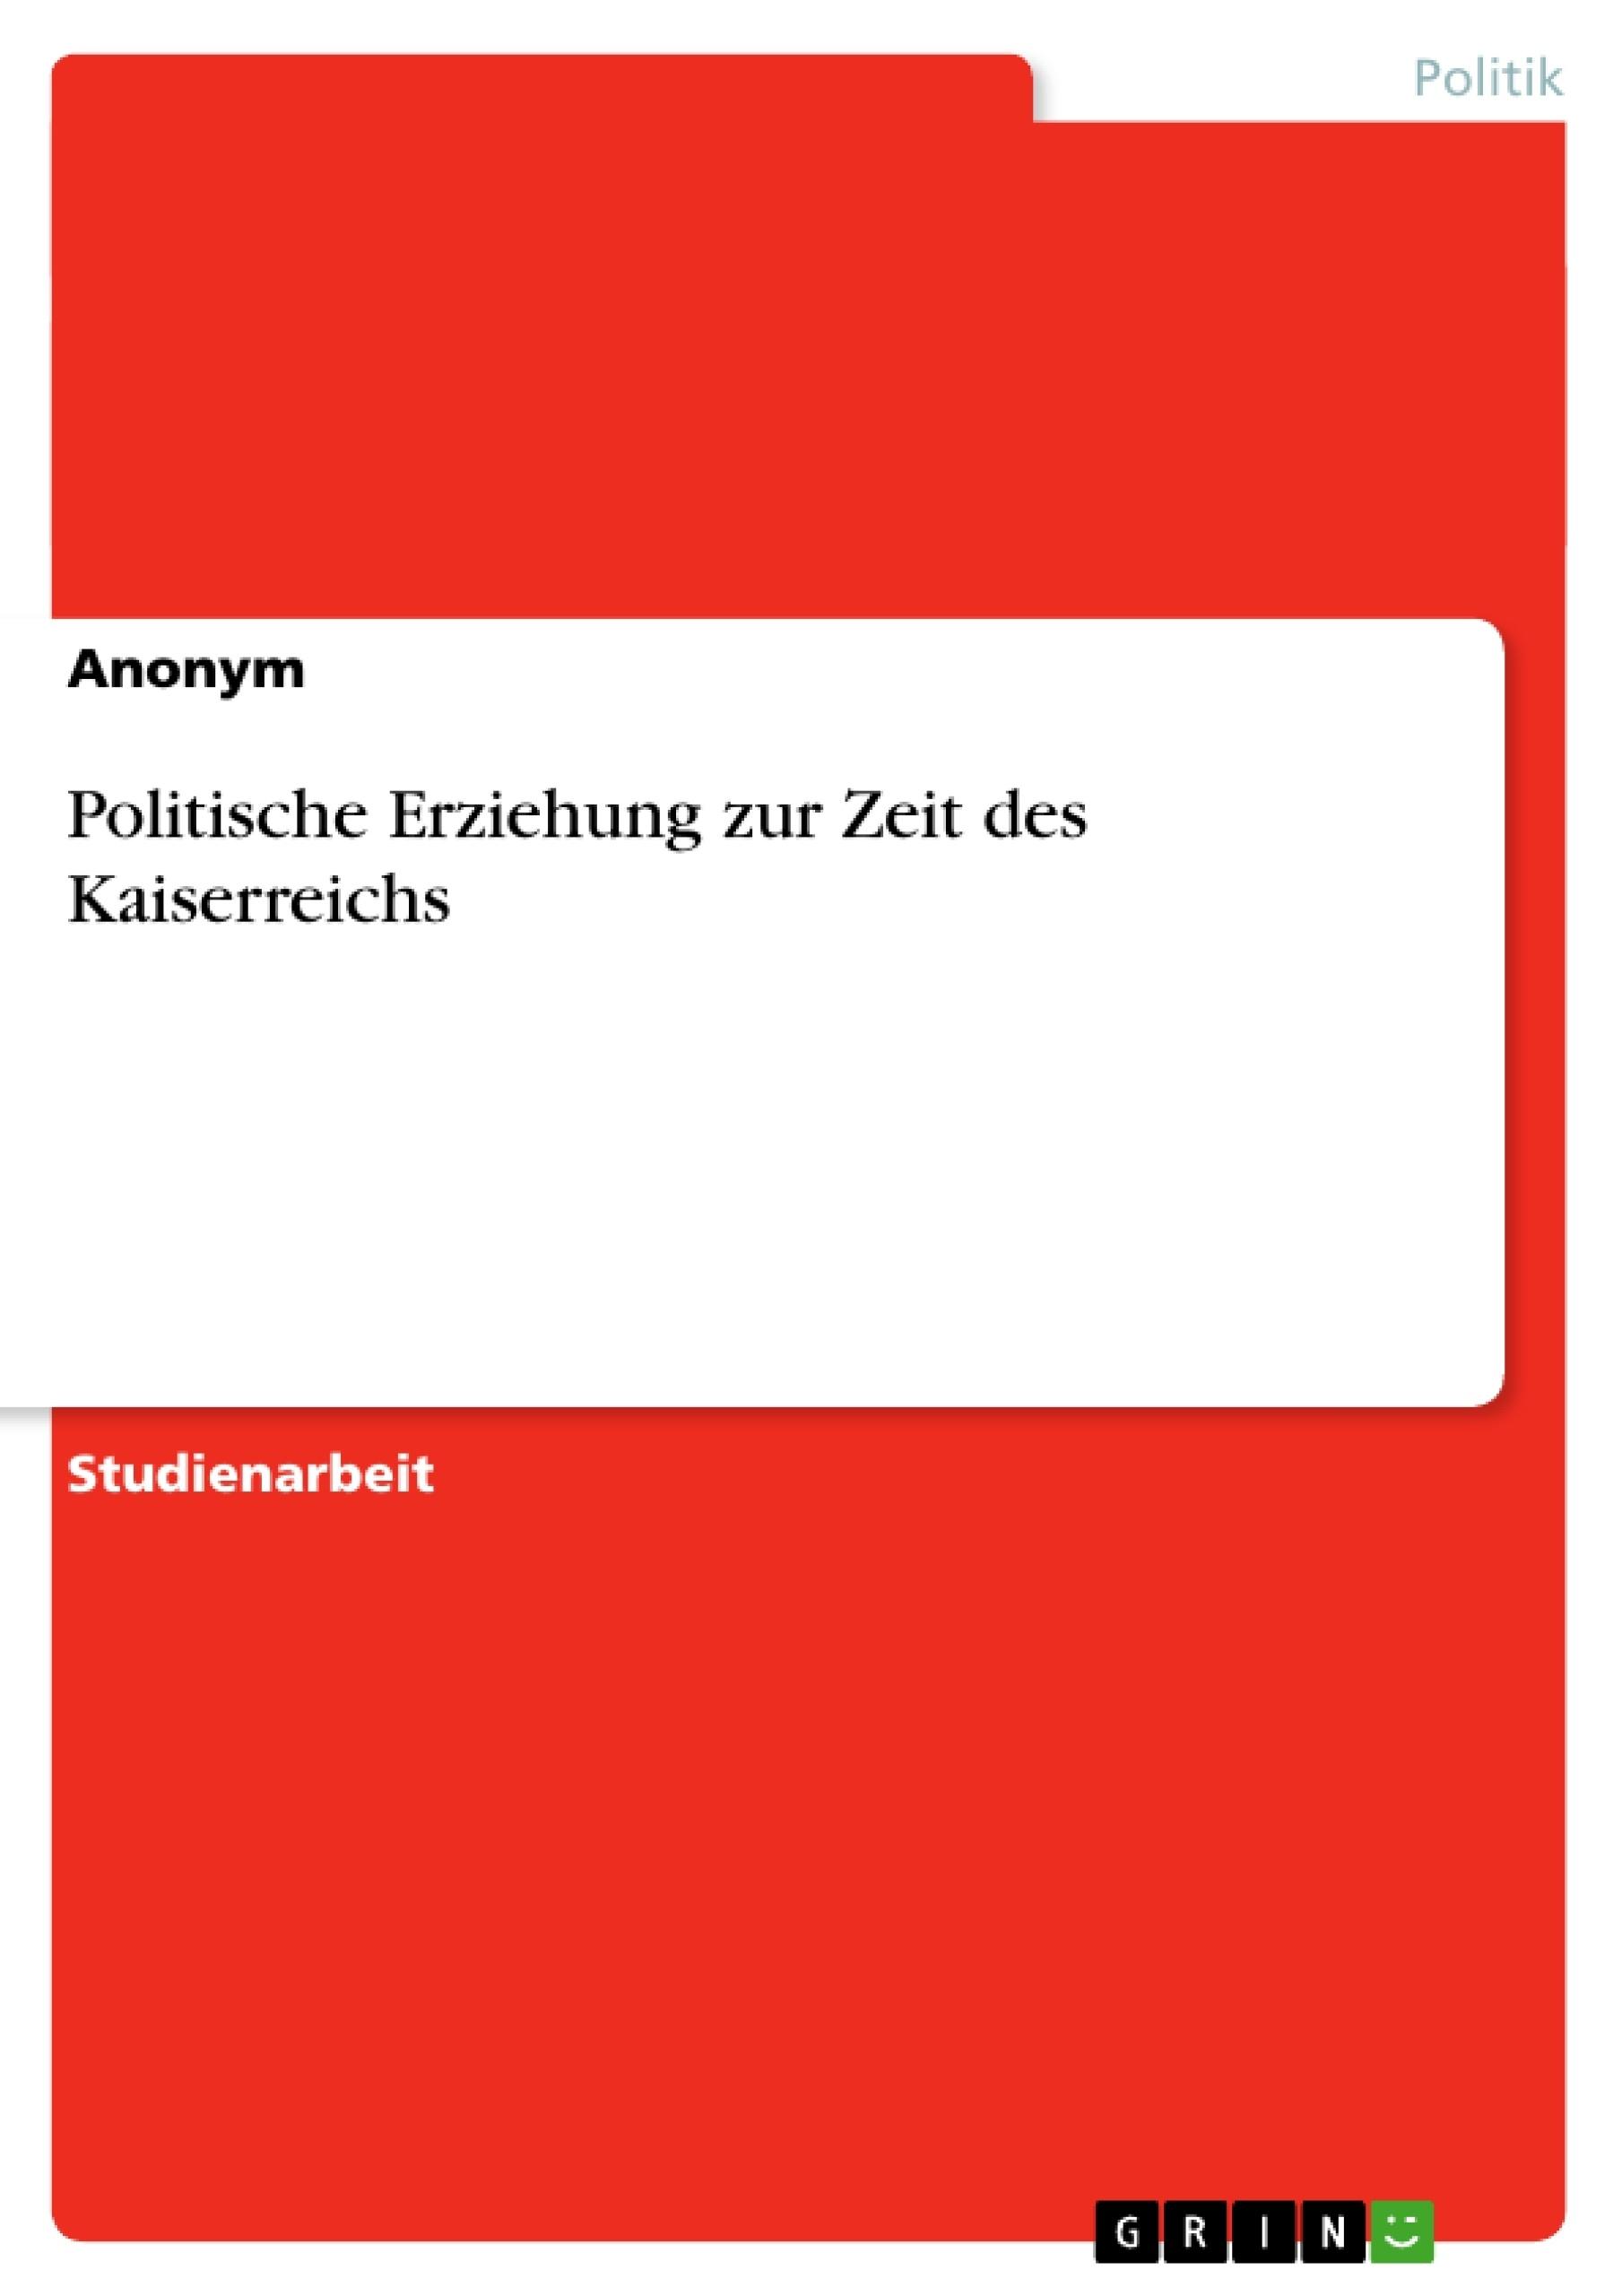 Titel: Politische Erziehung zur Zeit des Kaiserreichs